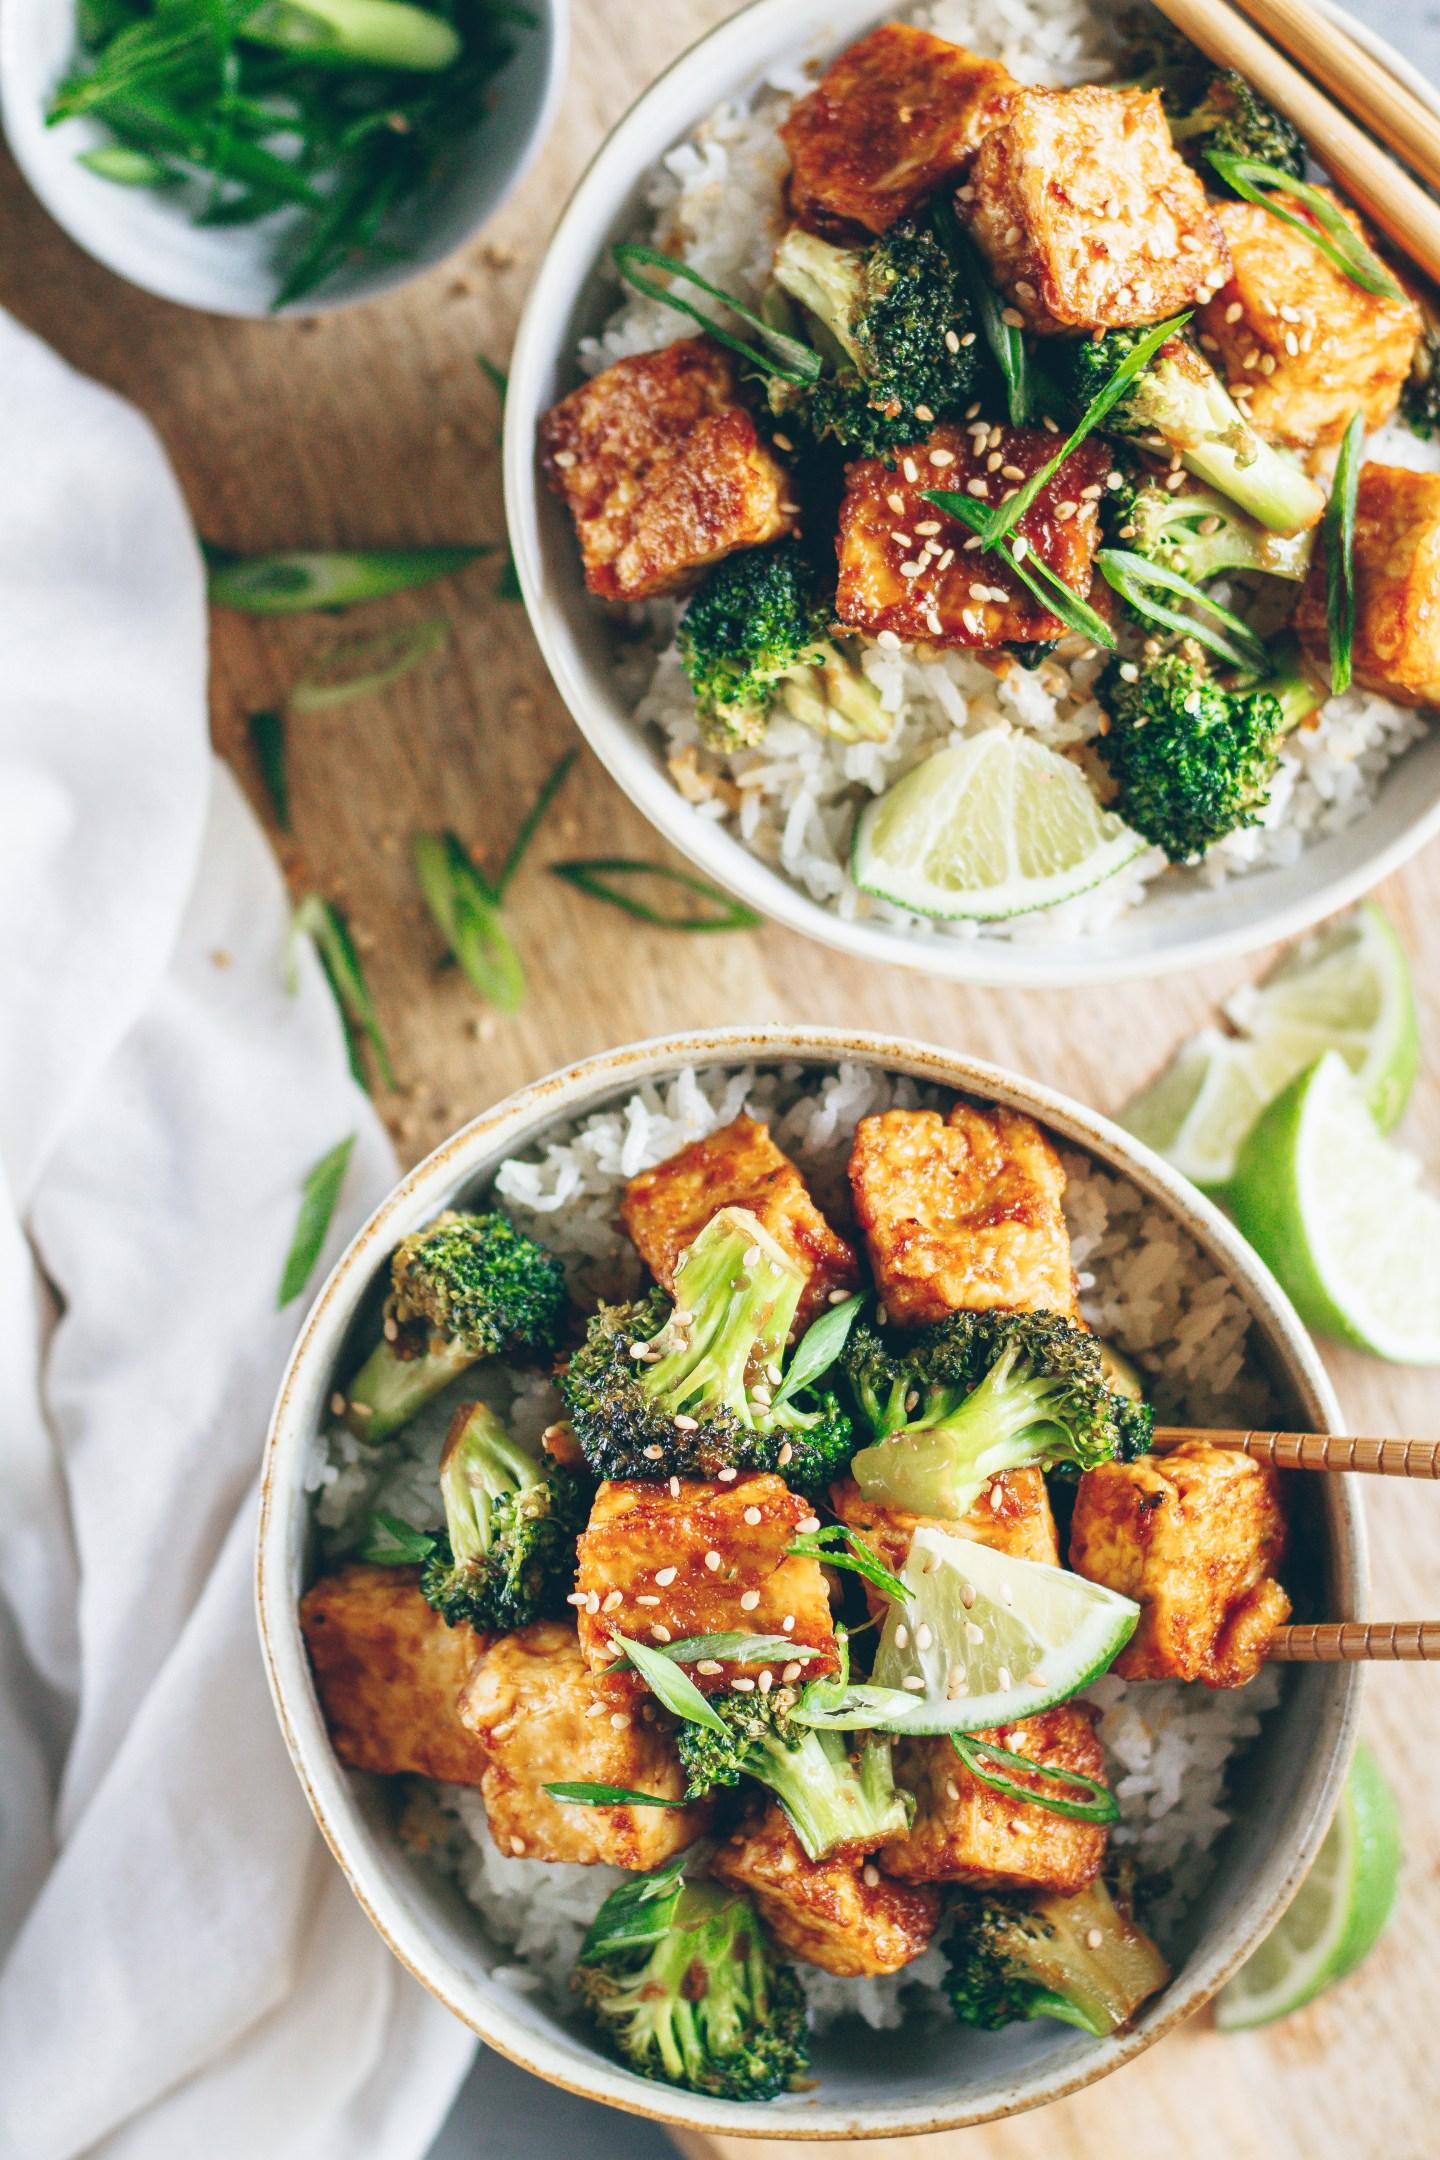 sticky tofu and broccoli stir fry